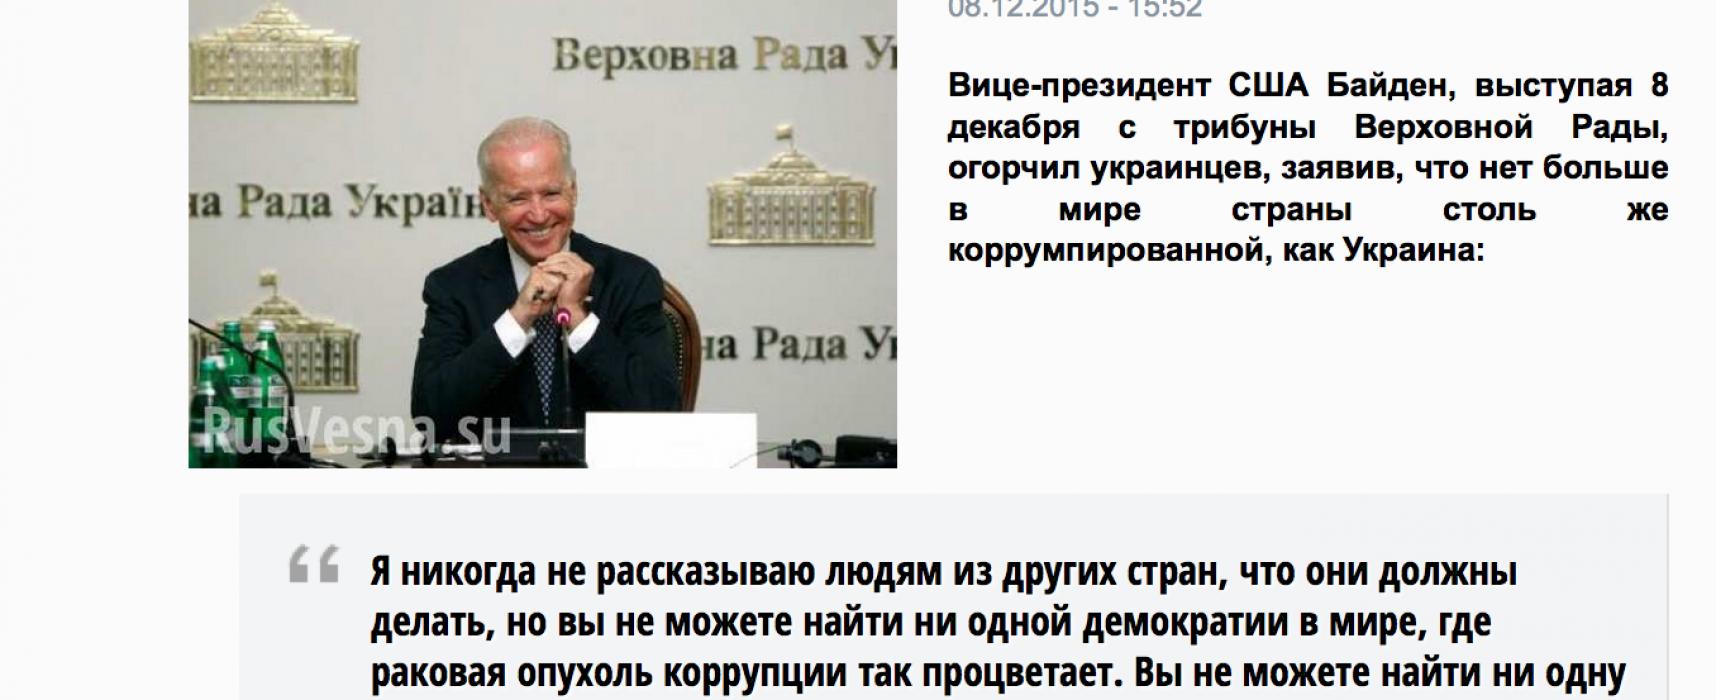 Фейк: Байден назвал Украину самой коррумпированной страной в мире